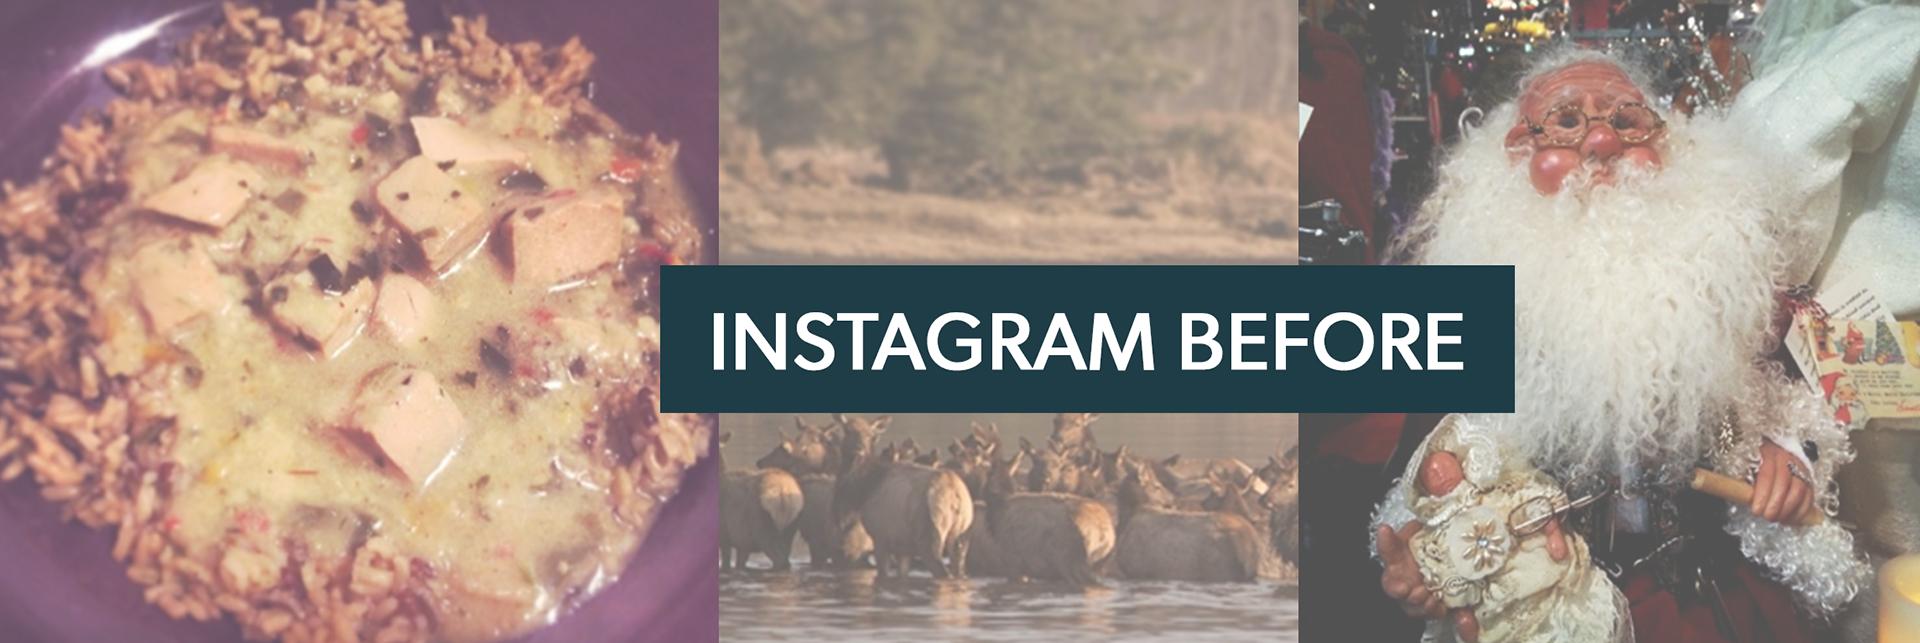 fp_instagram_before_v2r1